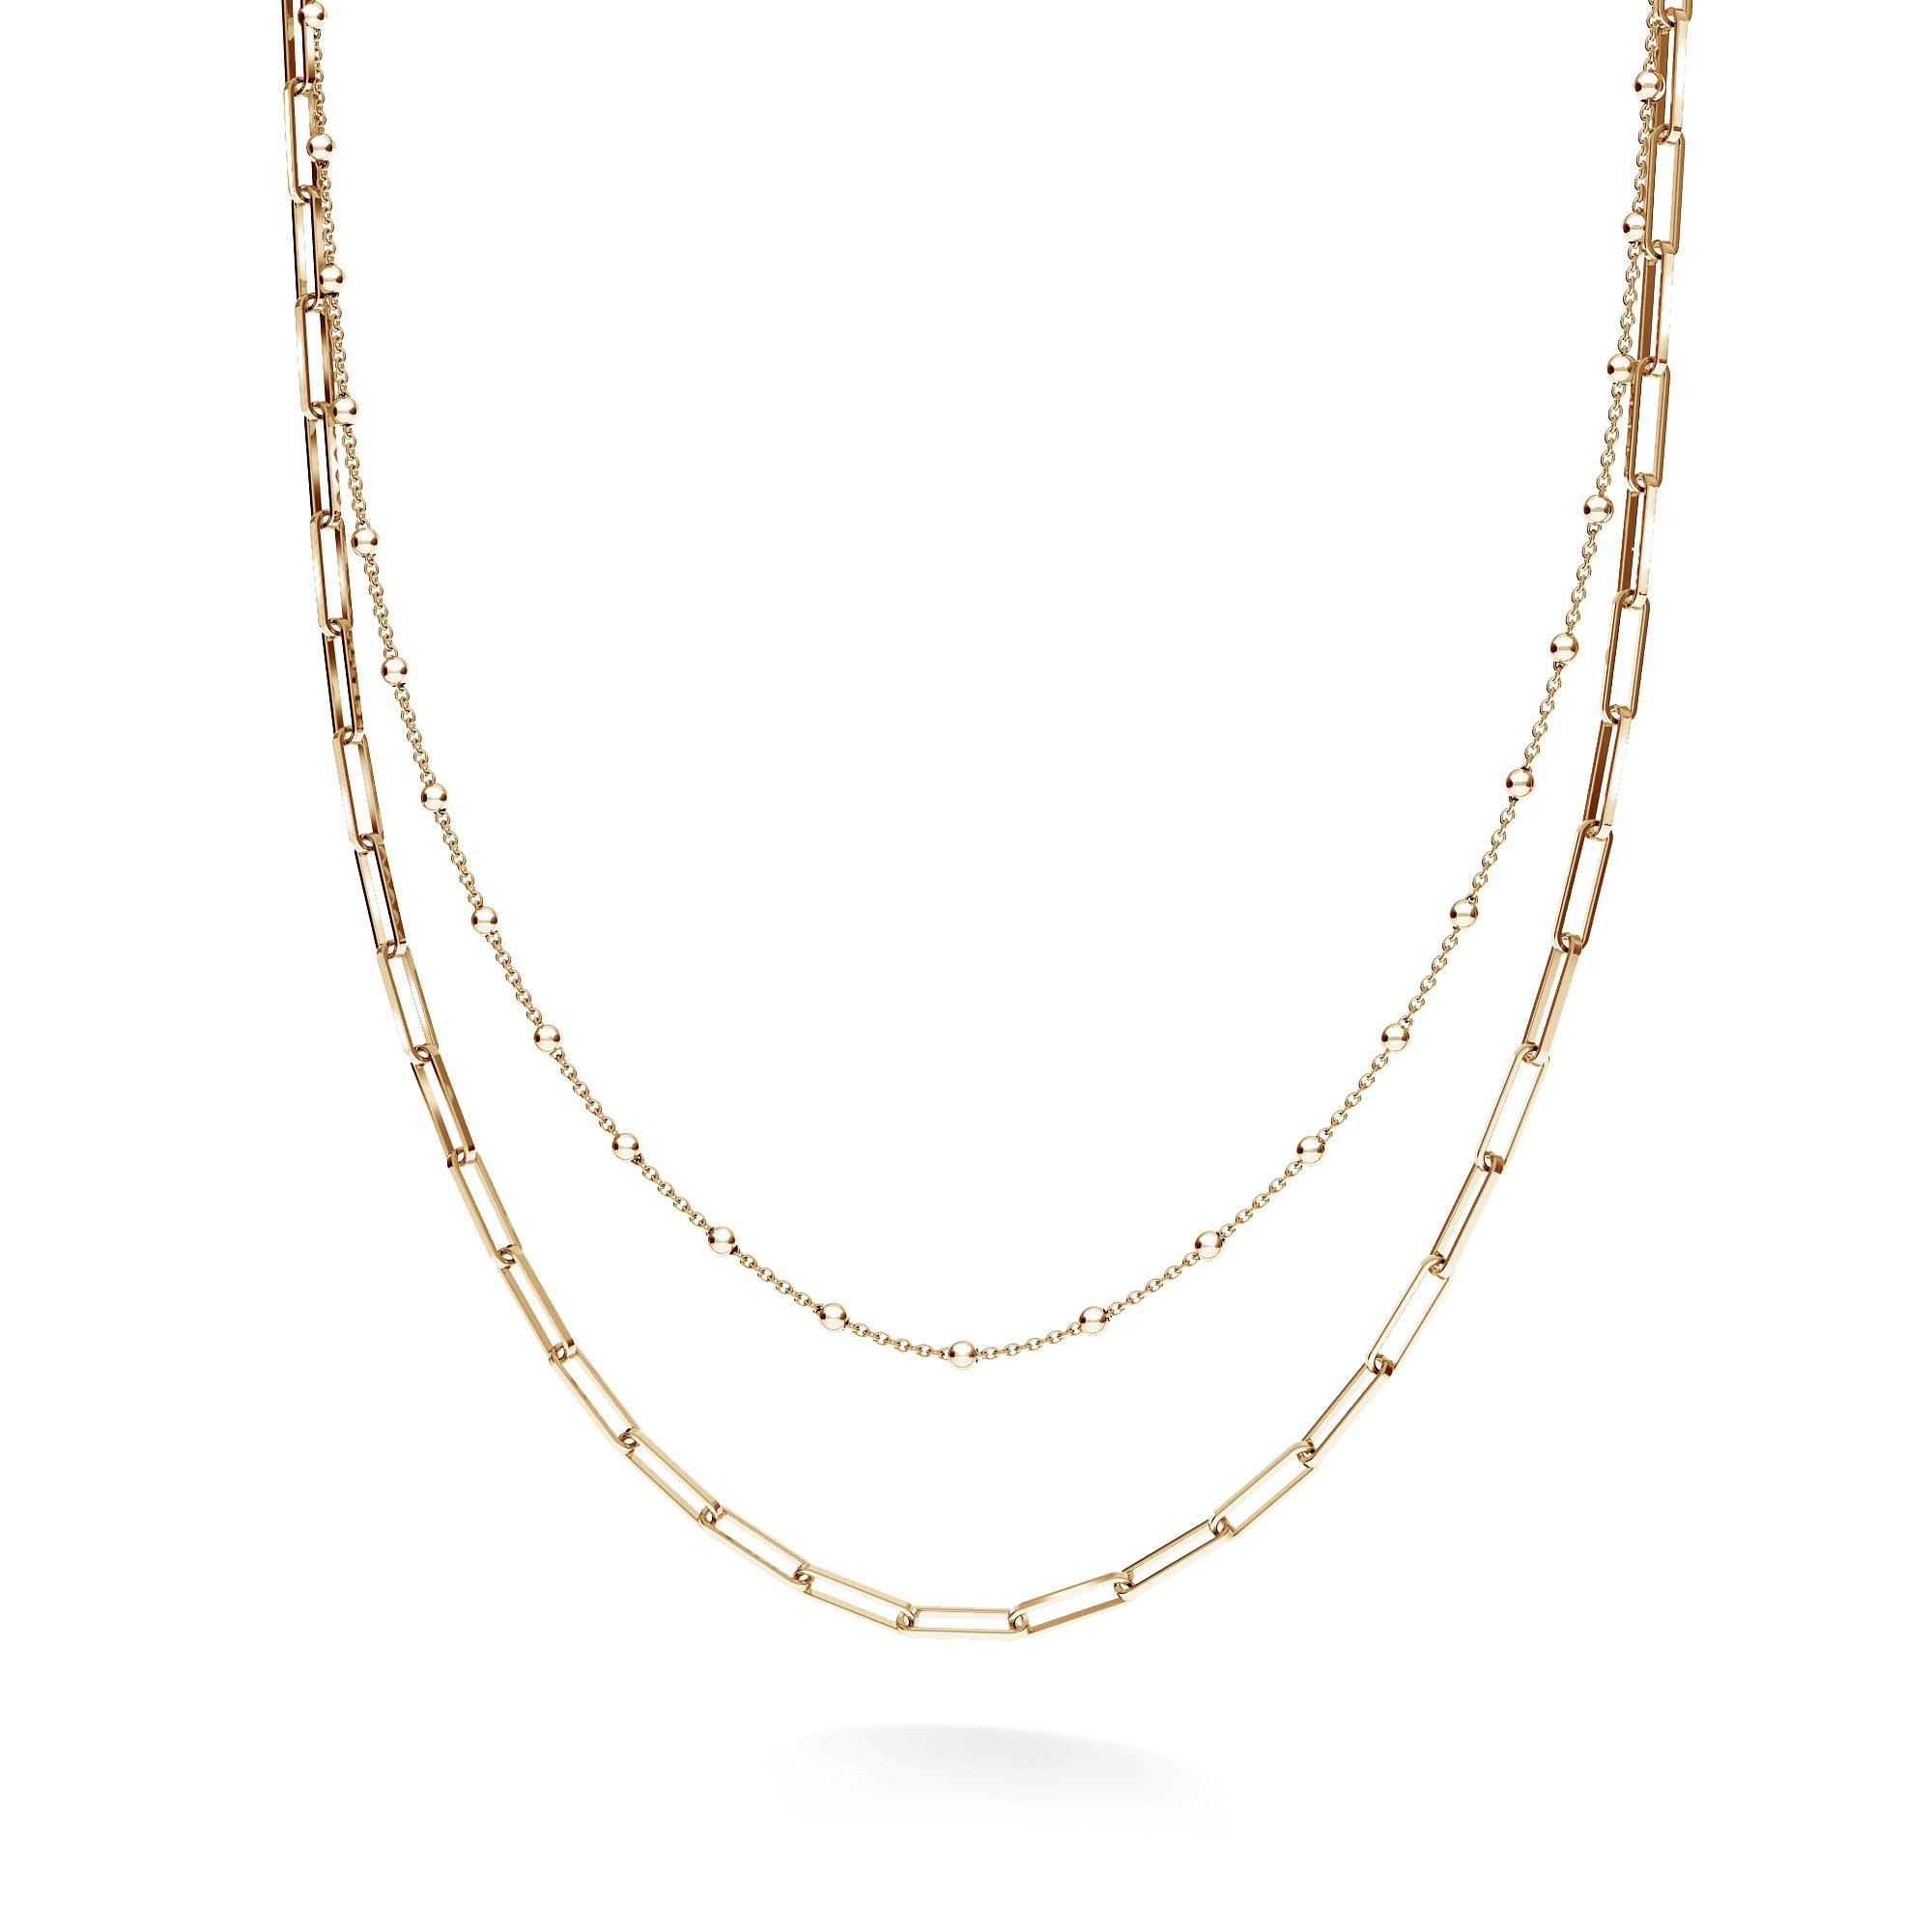 Srebrny łańcuszek kulkowy do wpinania charmsów, srebro 925